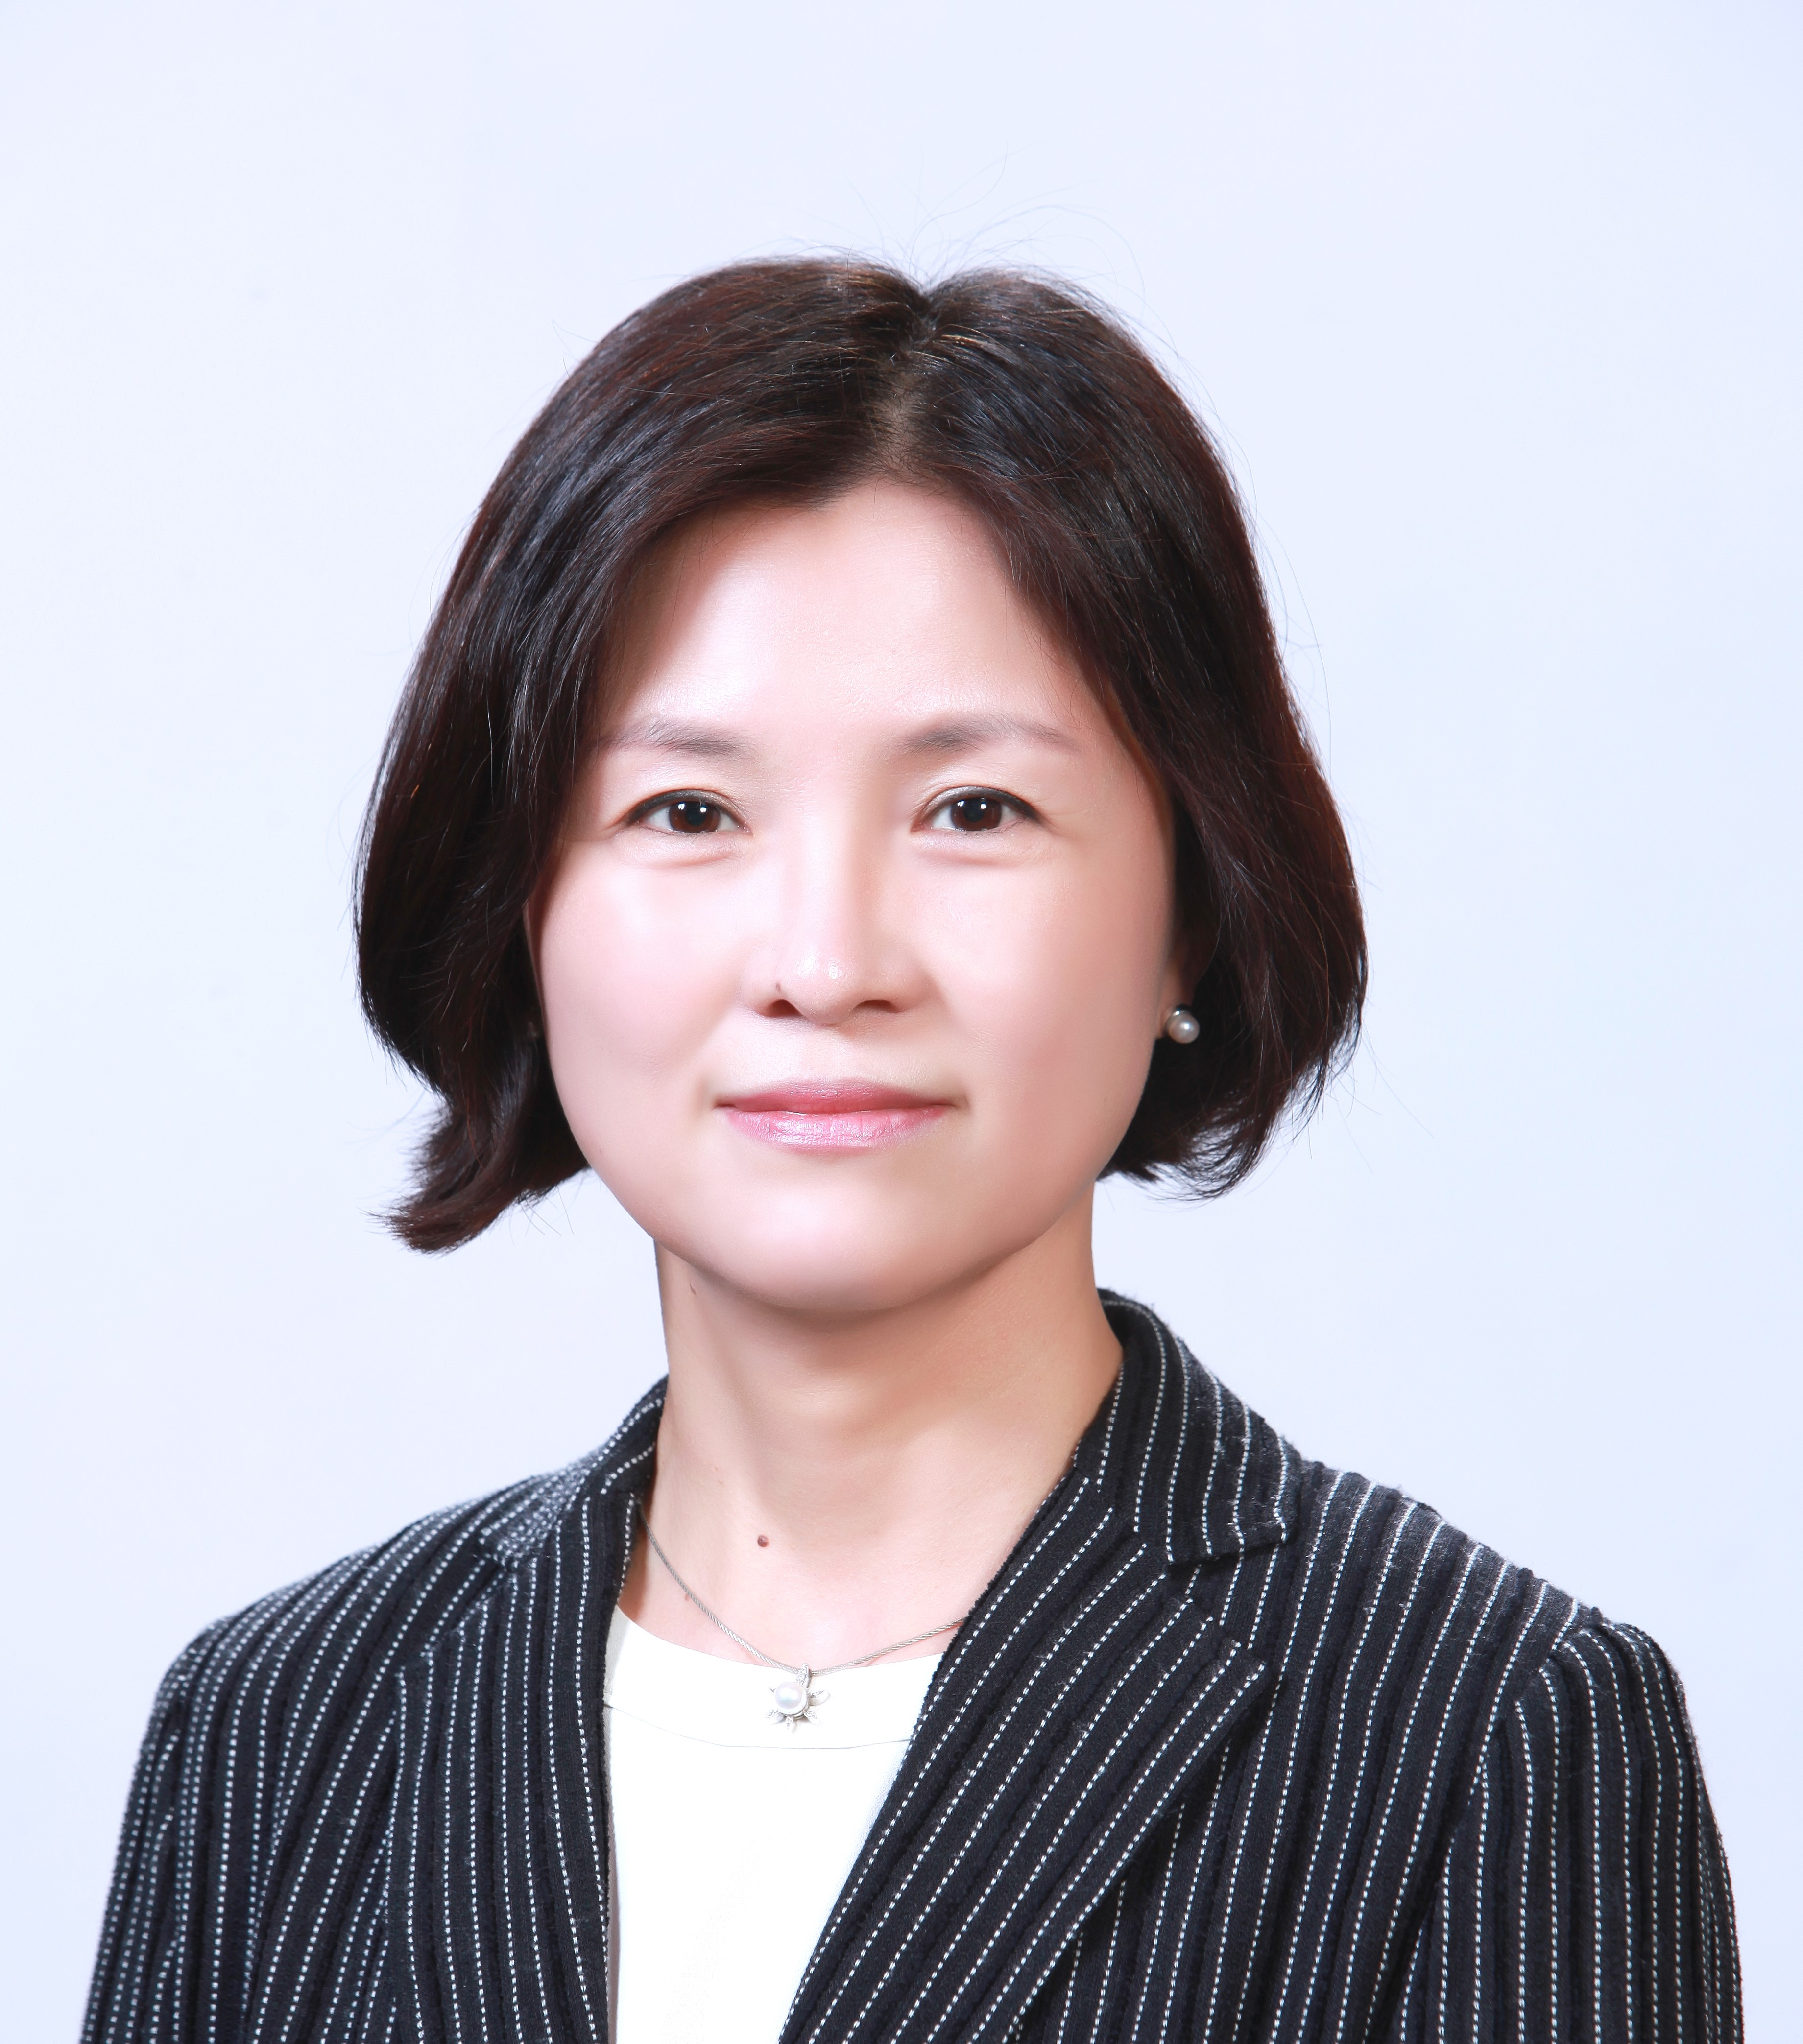 김경숙 (金景淑)사진